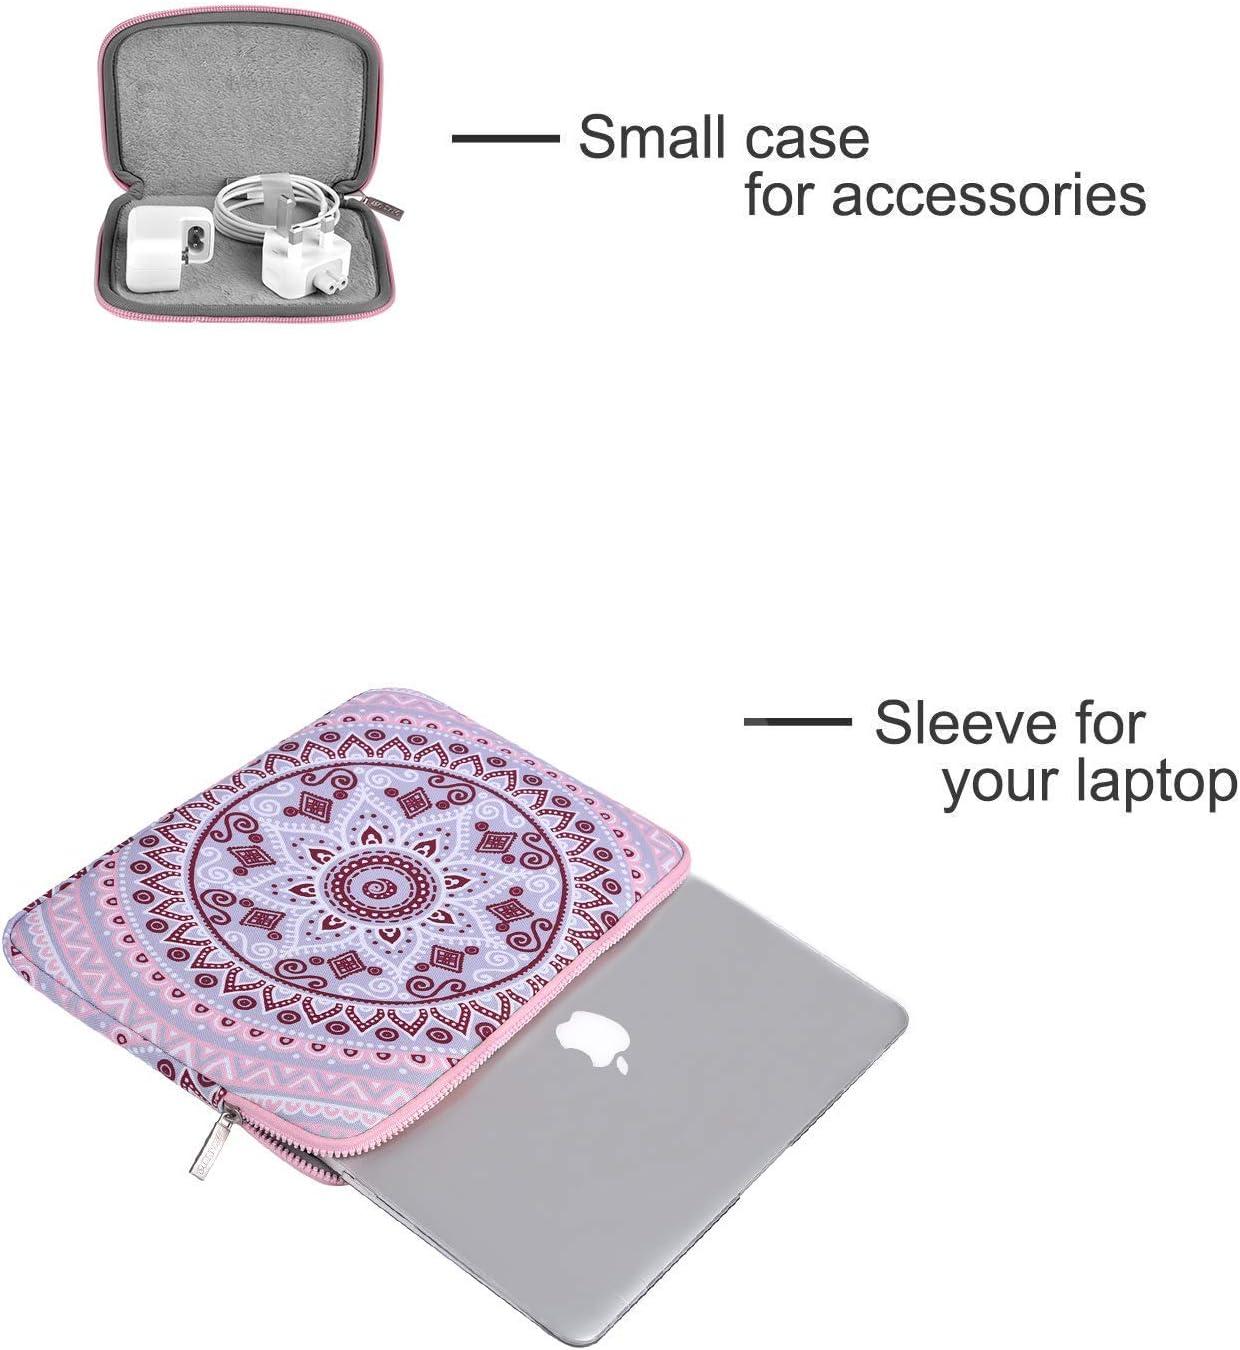 MOSISO Laptop Custodie Morbide Borsa Compatibile con 2019-2016 MacBook PRO 15 Pollici Touch Bar A1990//A1707,14 Pollici Chromebook ThinkPad,Mandala Modello Manica con Piccolo Caso,Blu e Rosa